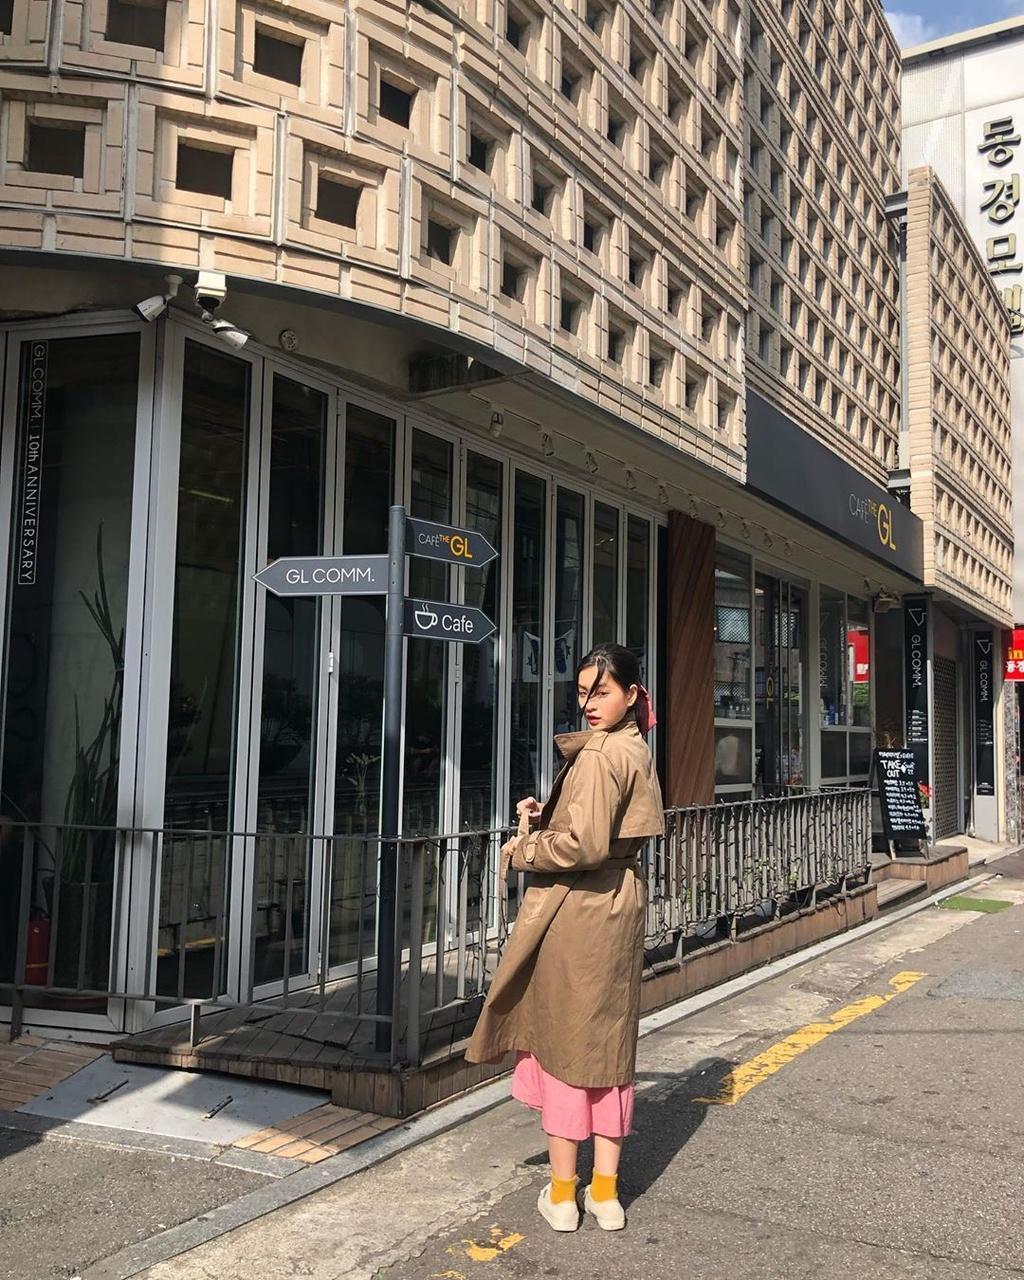 Ha Lan 'Mat biec' chuong style nang tho, Hong thich kieu truong thanh hinh anh 18 73426948_1224563541059400_9221698348606097197_n.jpg